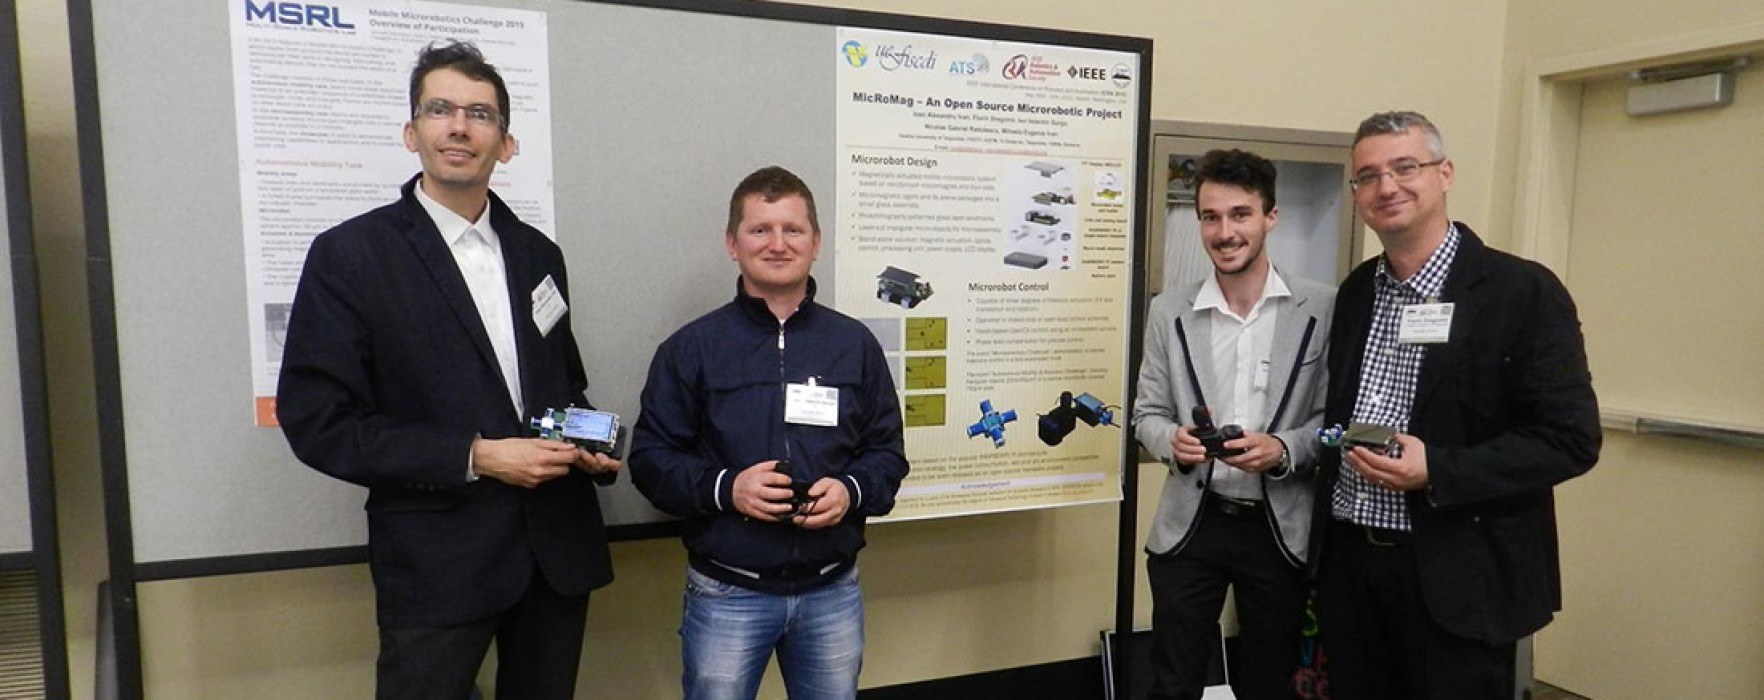 Universitatea Valahia, locul întâi în finala Concursului mondial de microrobotică de la Seattle